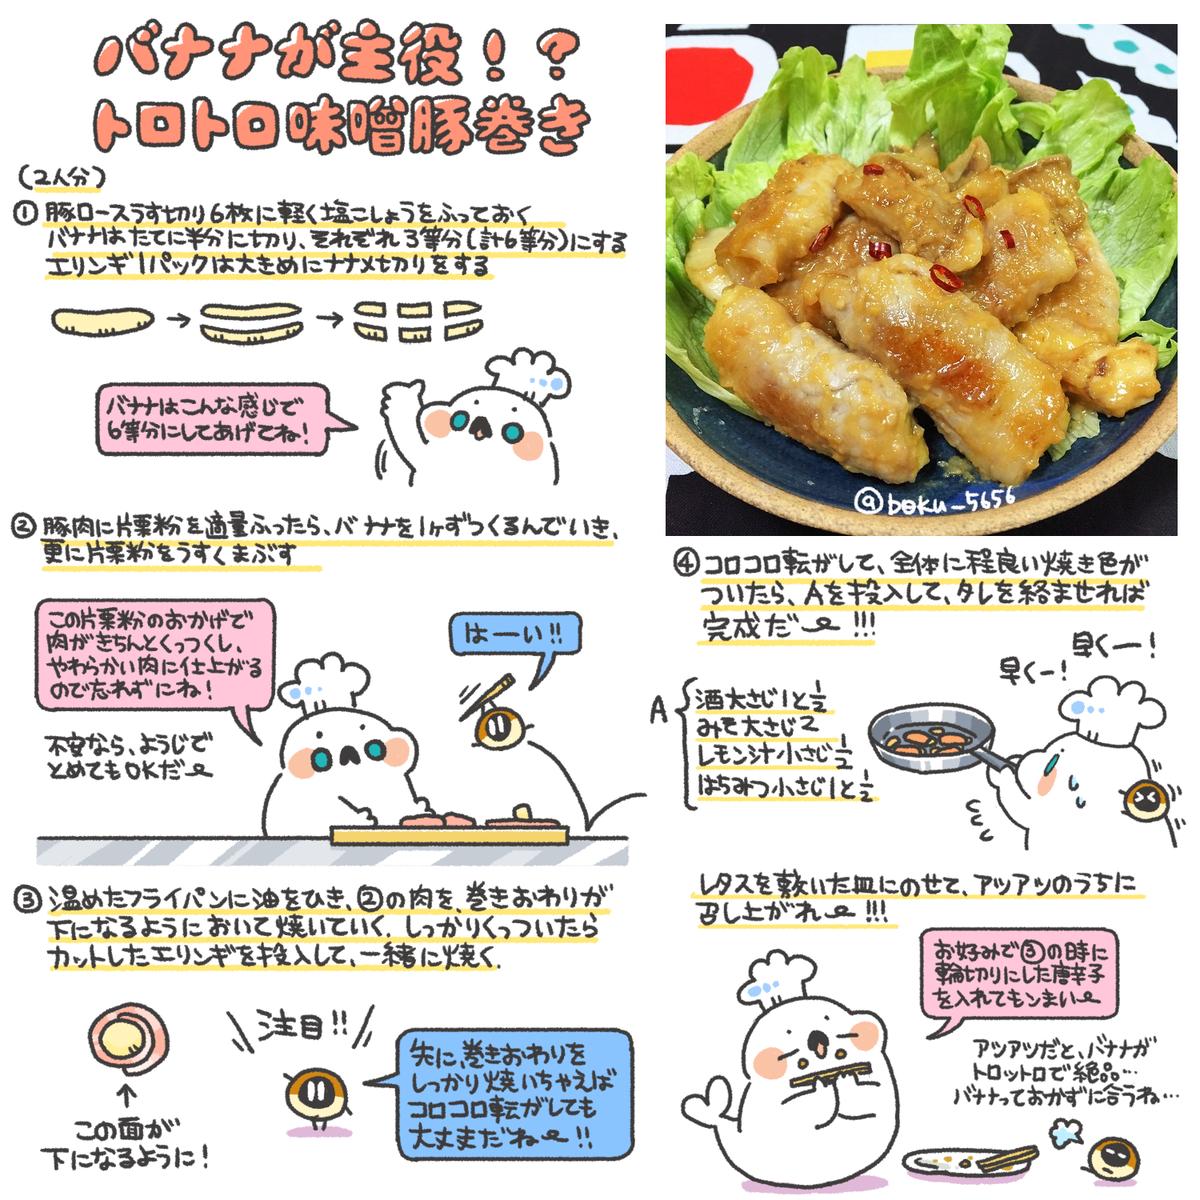 美味しいバナナの味噌豚巻きのレシピまとめました٩(OO*)و pic.twitter.com/Bsvy3WAkEV